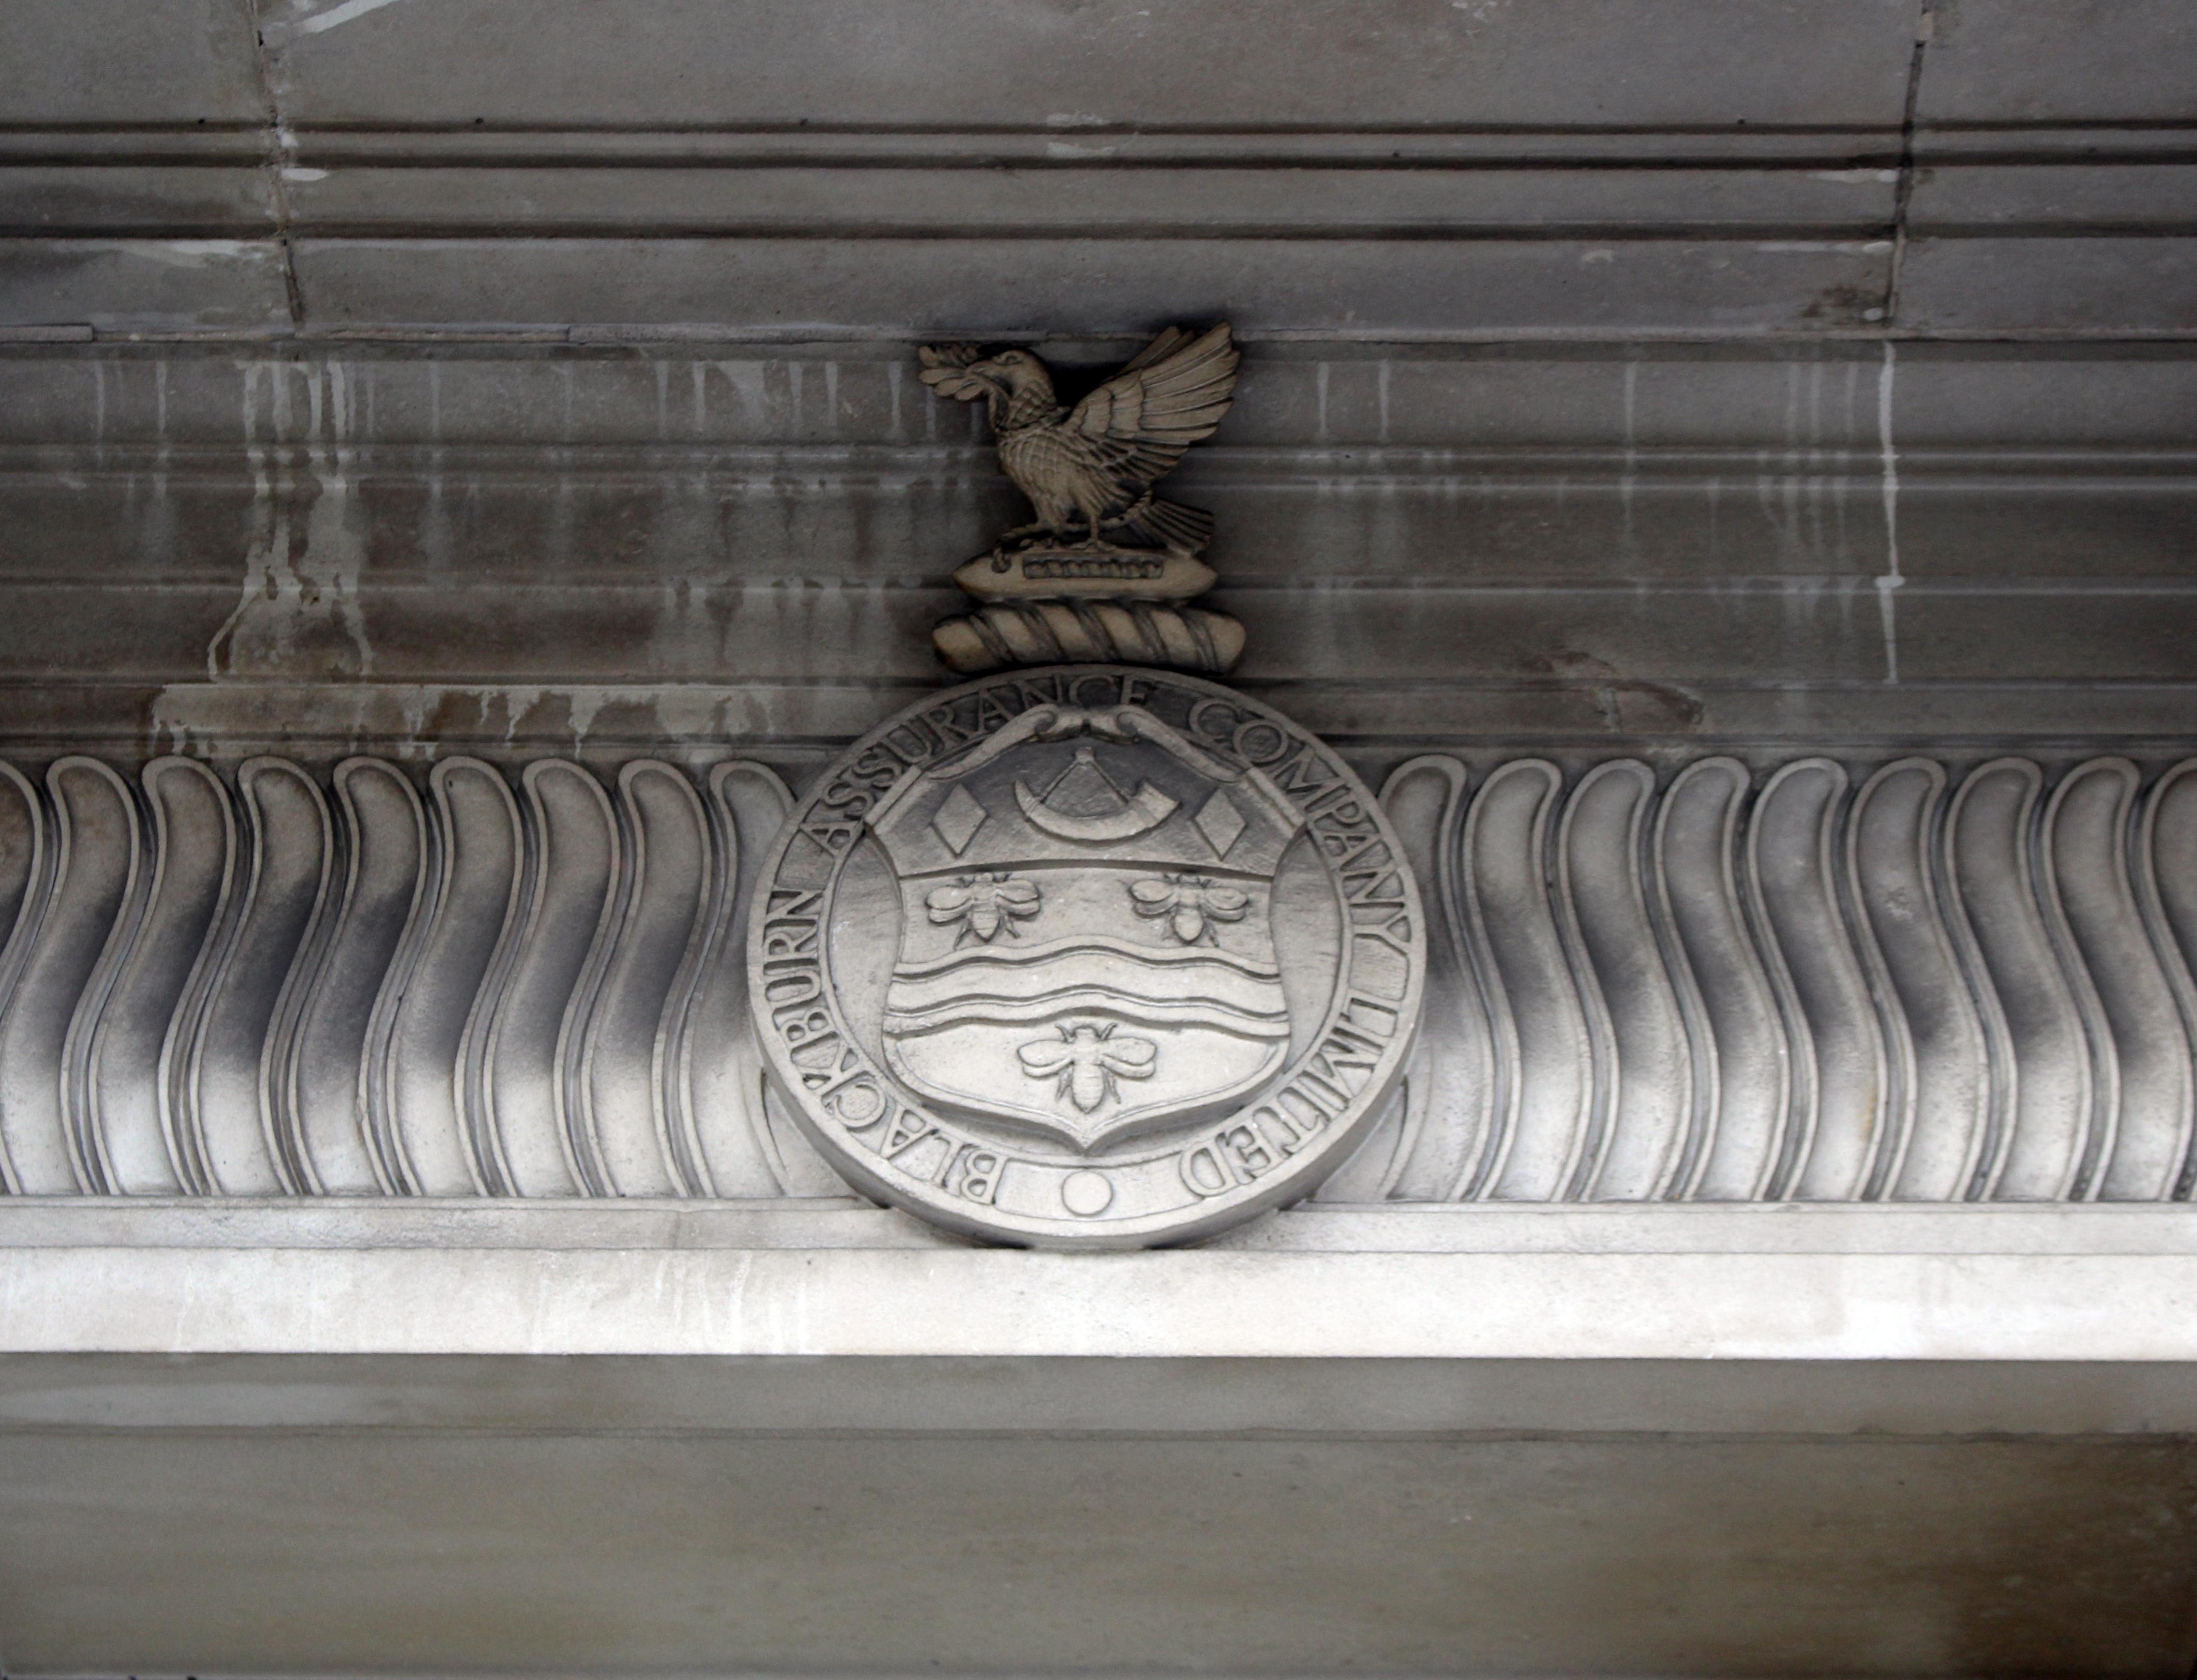 File:Crest over entrance of Blackburn Assurance Chambers jpg